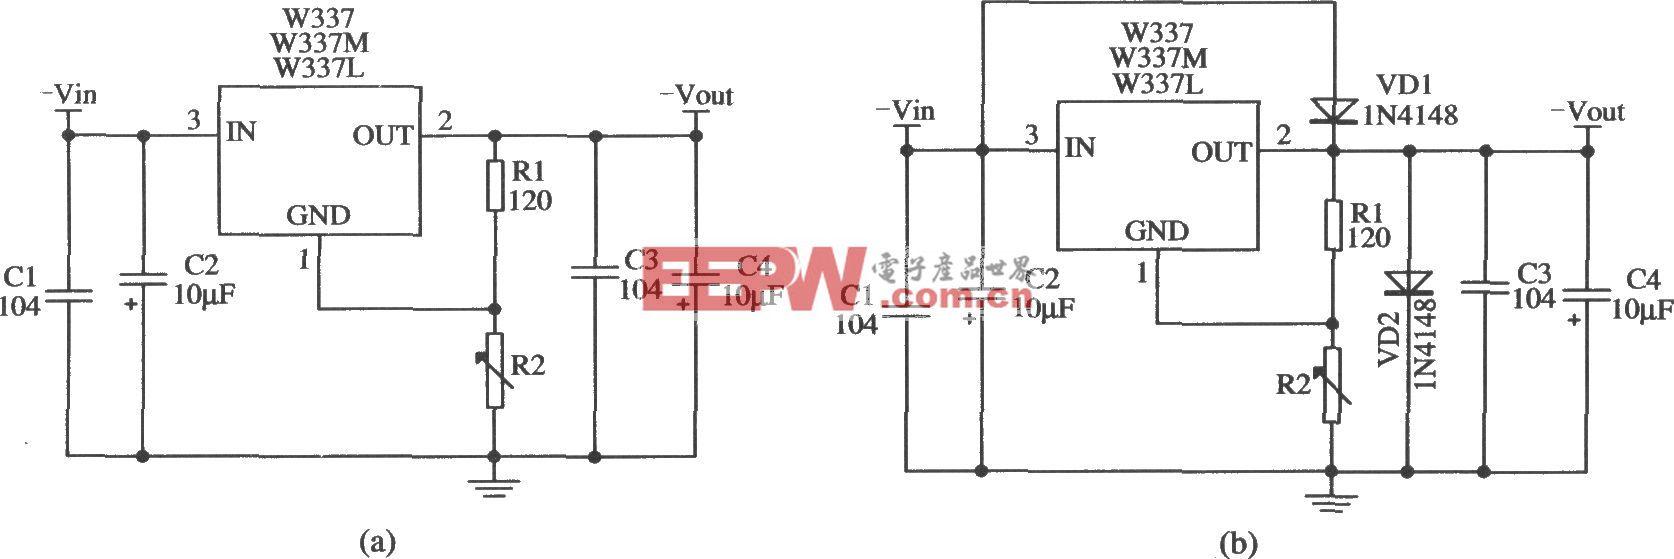 三端可调负集成稳压器W337L/W337M/W337的典型应用电路